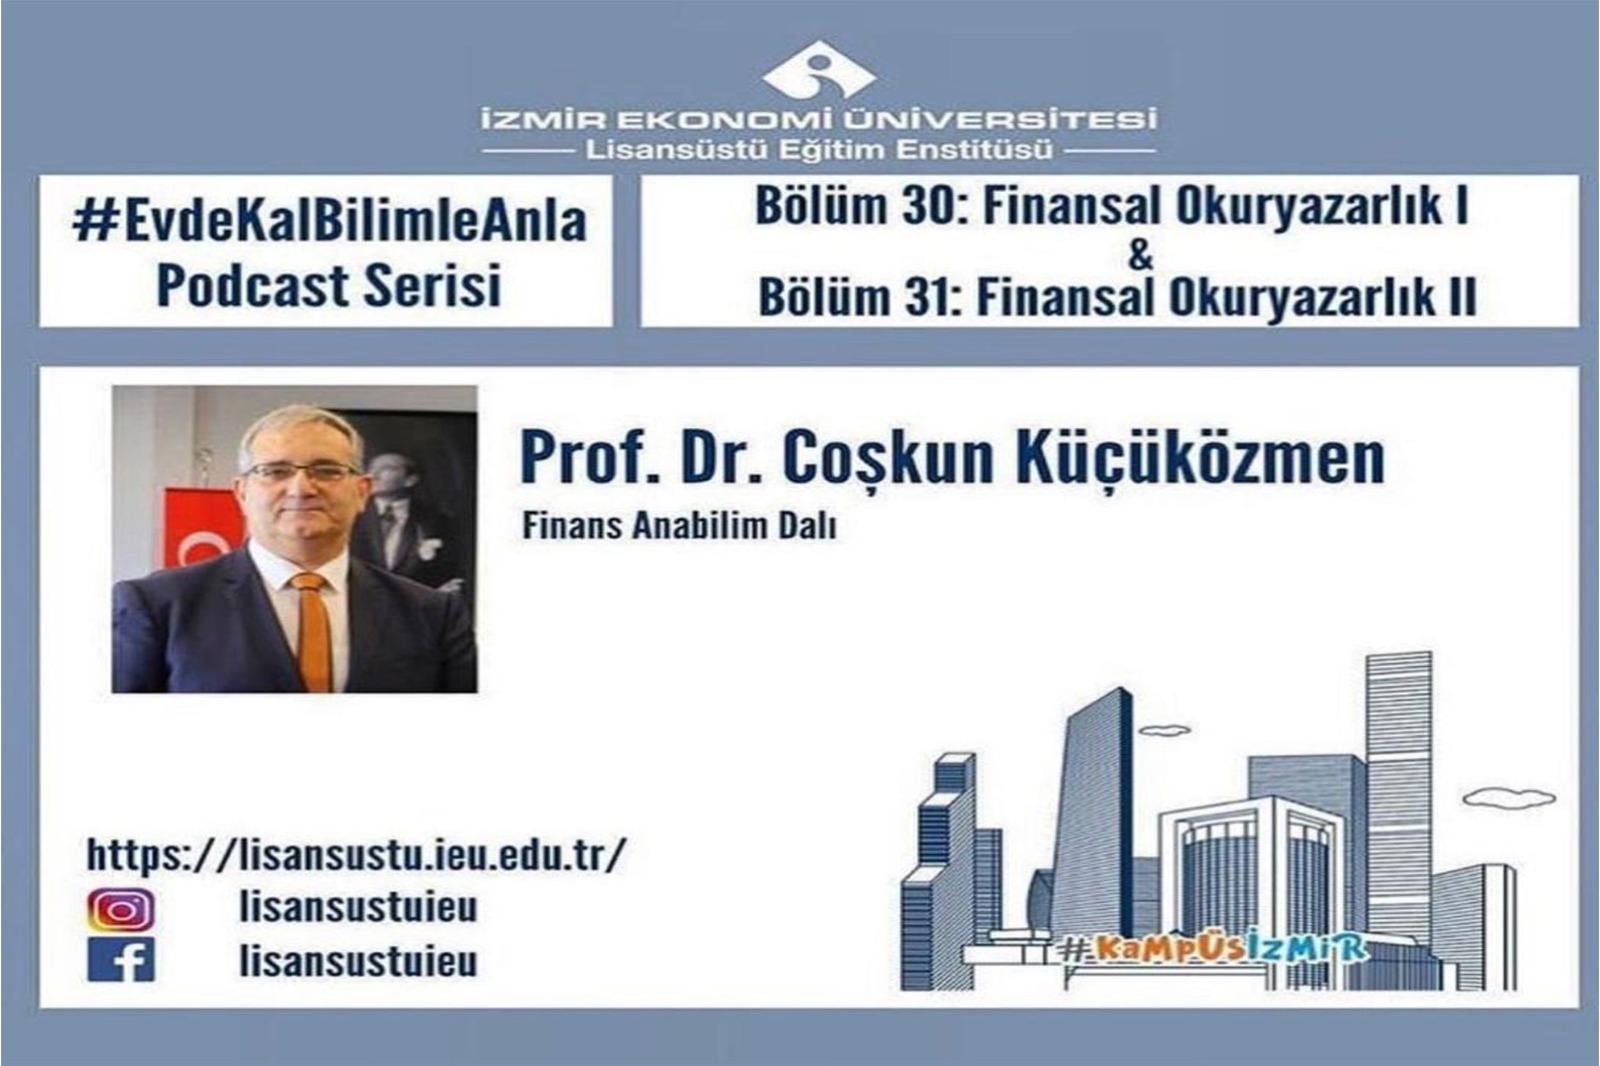 """Prof. Dr. Küçüközmen #EvdeKalBilimleAnla Podcast Serisi'nde """"Finansal Okuryazarlık"""" hakkında konuştu"""